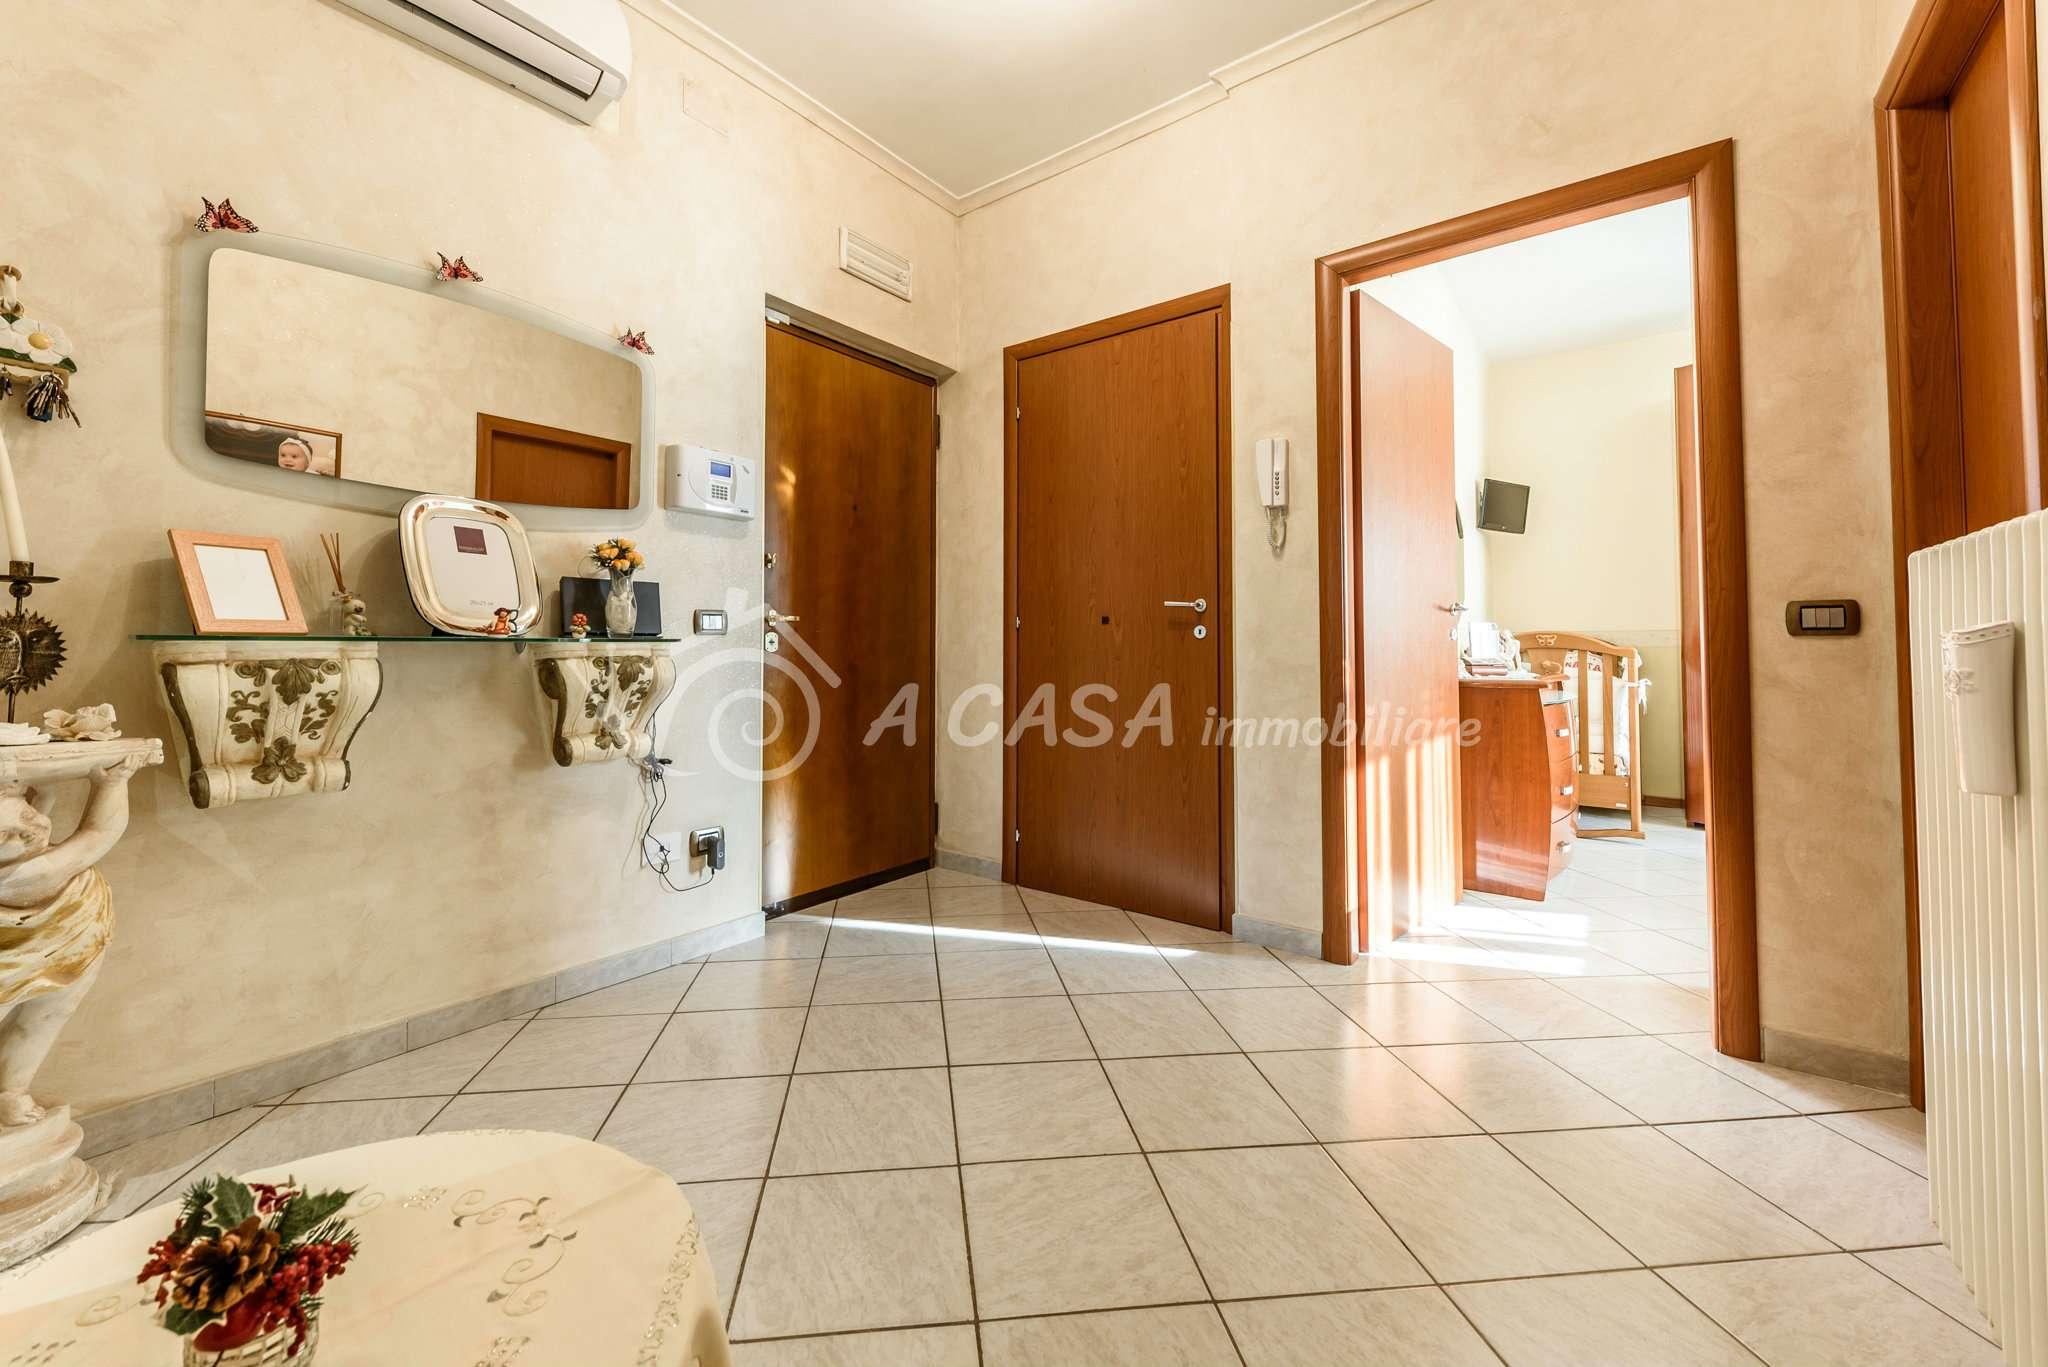 Appartamento in vendita a Fontanellato, 3 locali, prezzo € 86.000 | CambioCasa.it